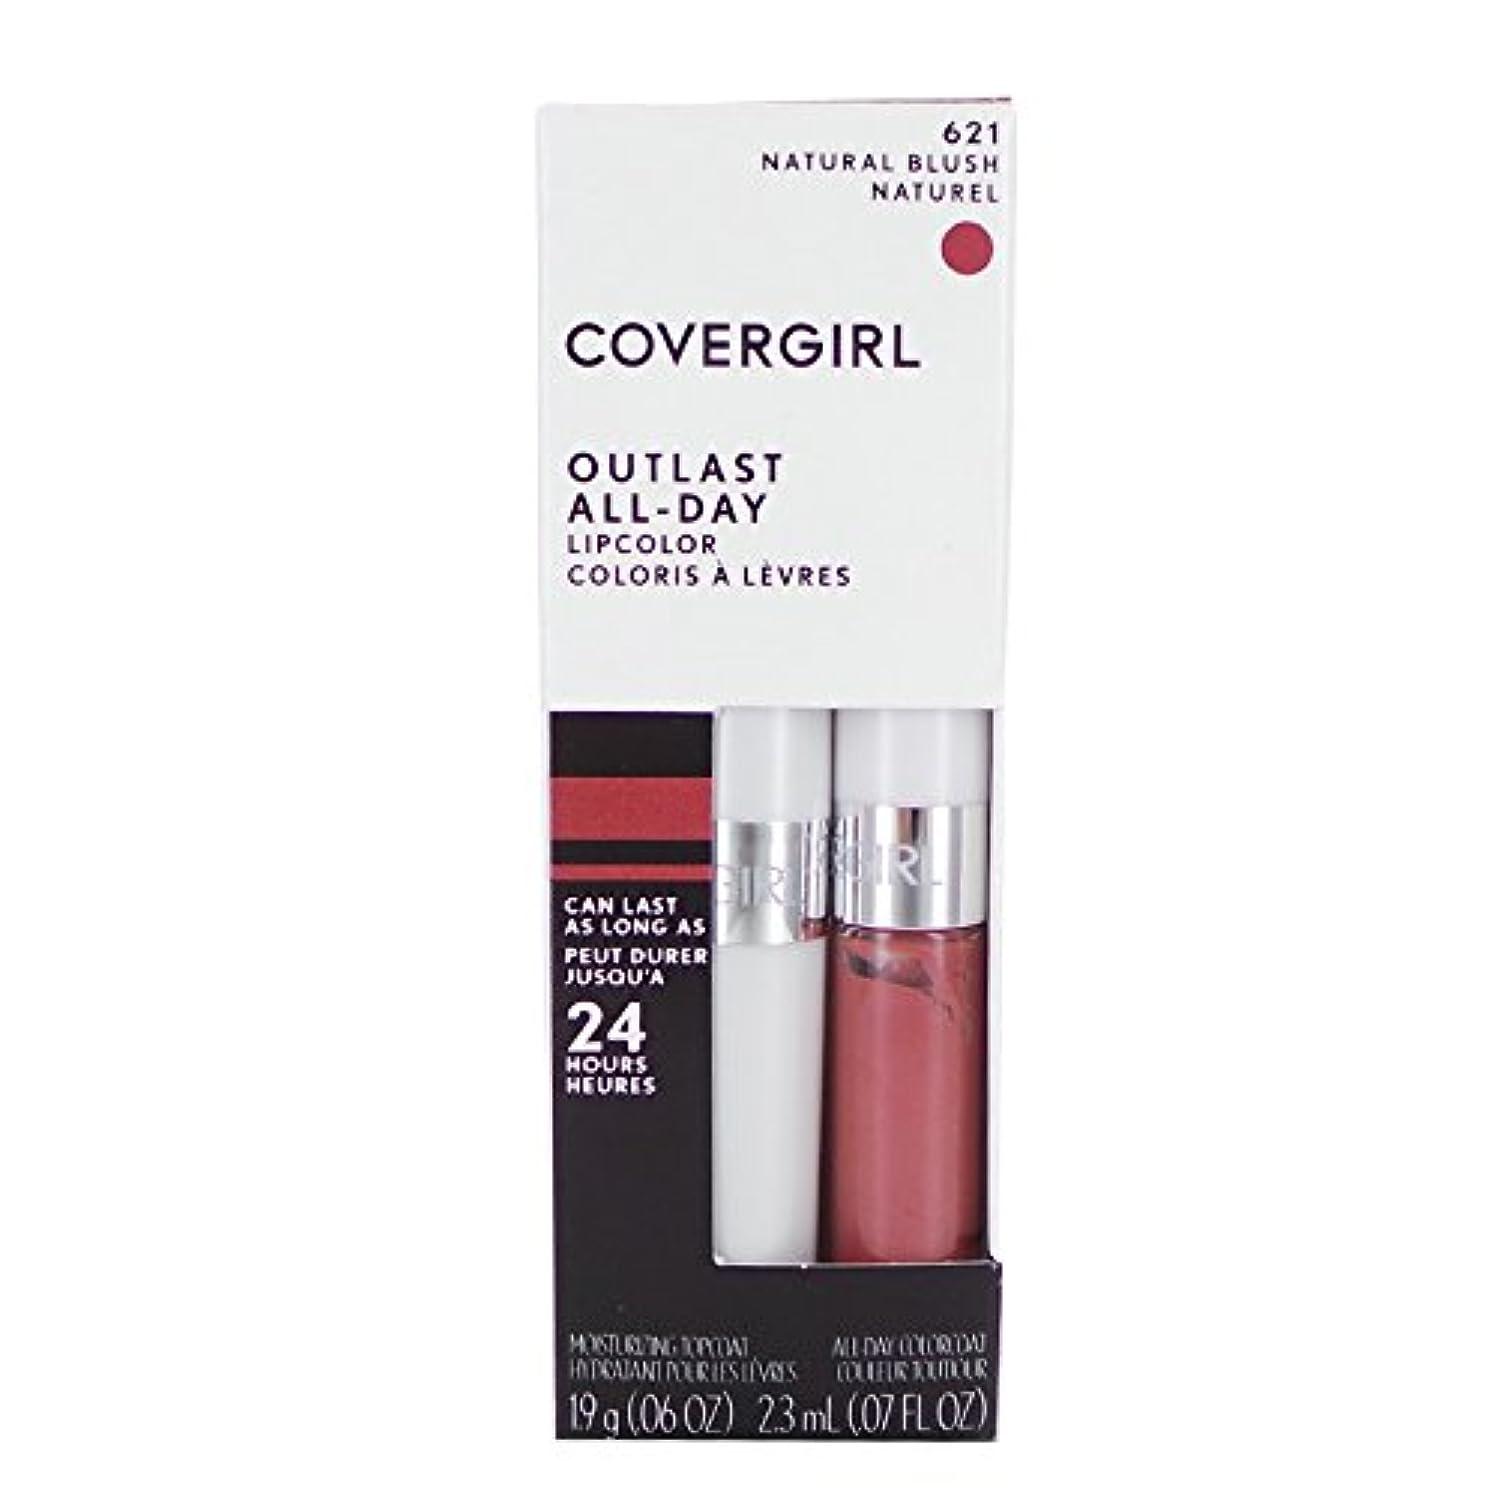 おとうさん脅迫注釈(3 Pack) COVERGIRL Outlast All-Day Lip Color - Natural Blush 621 (並行輸入品)